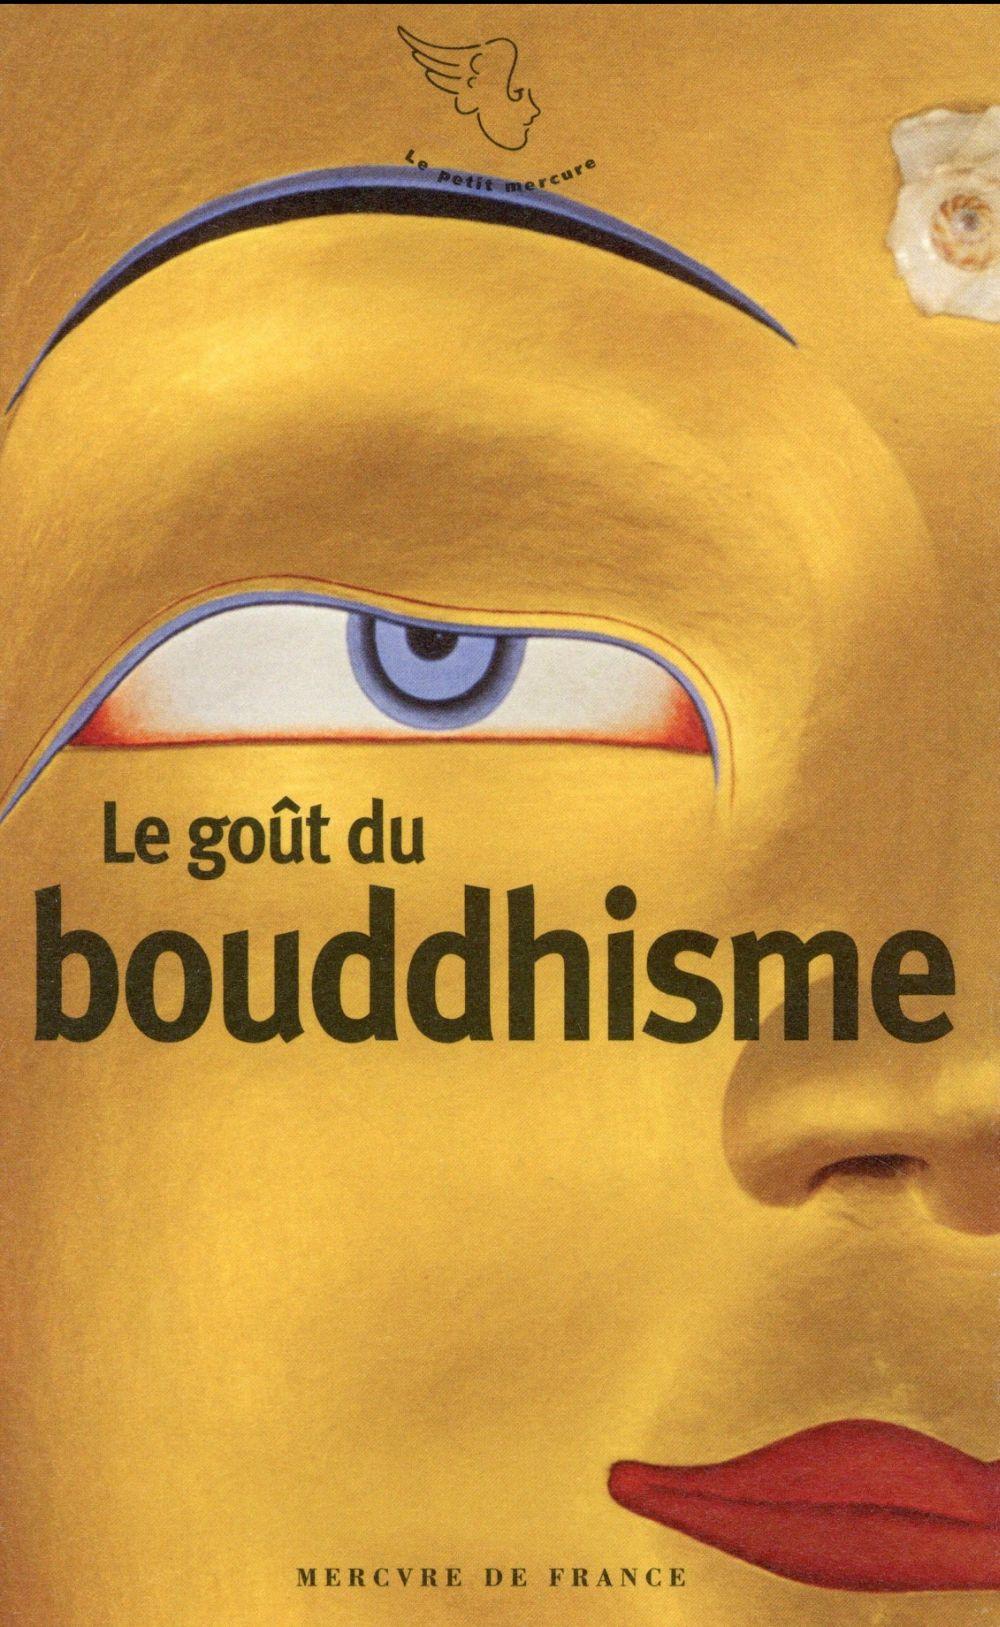 Le gout du bouddhisme